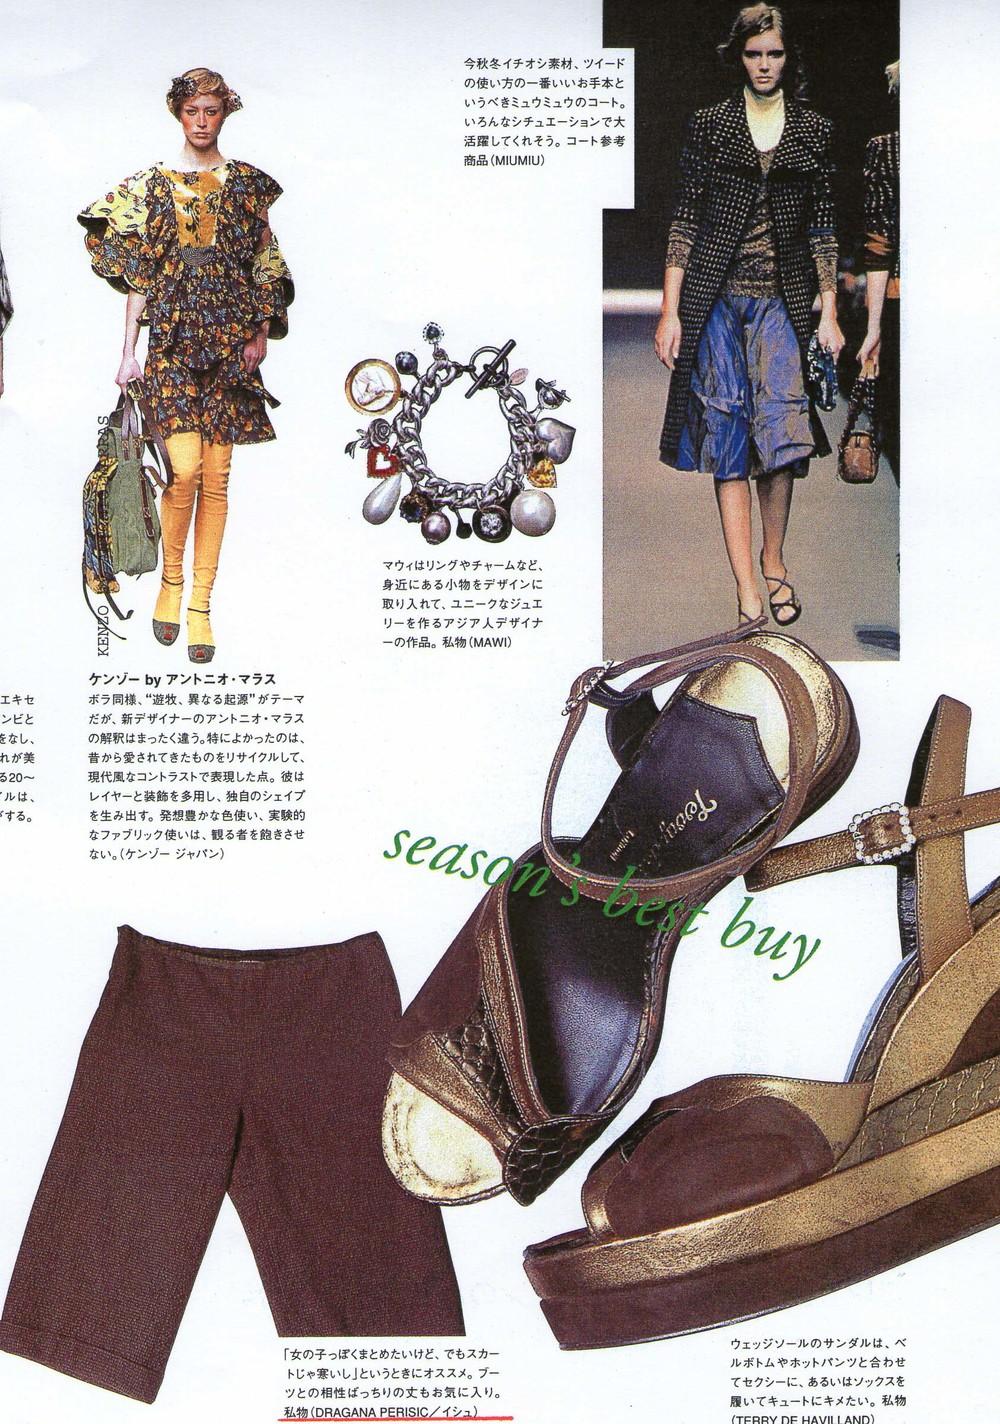 Nylon Japan 10.2004 artical.jpg